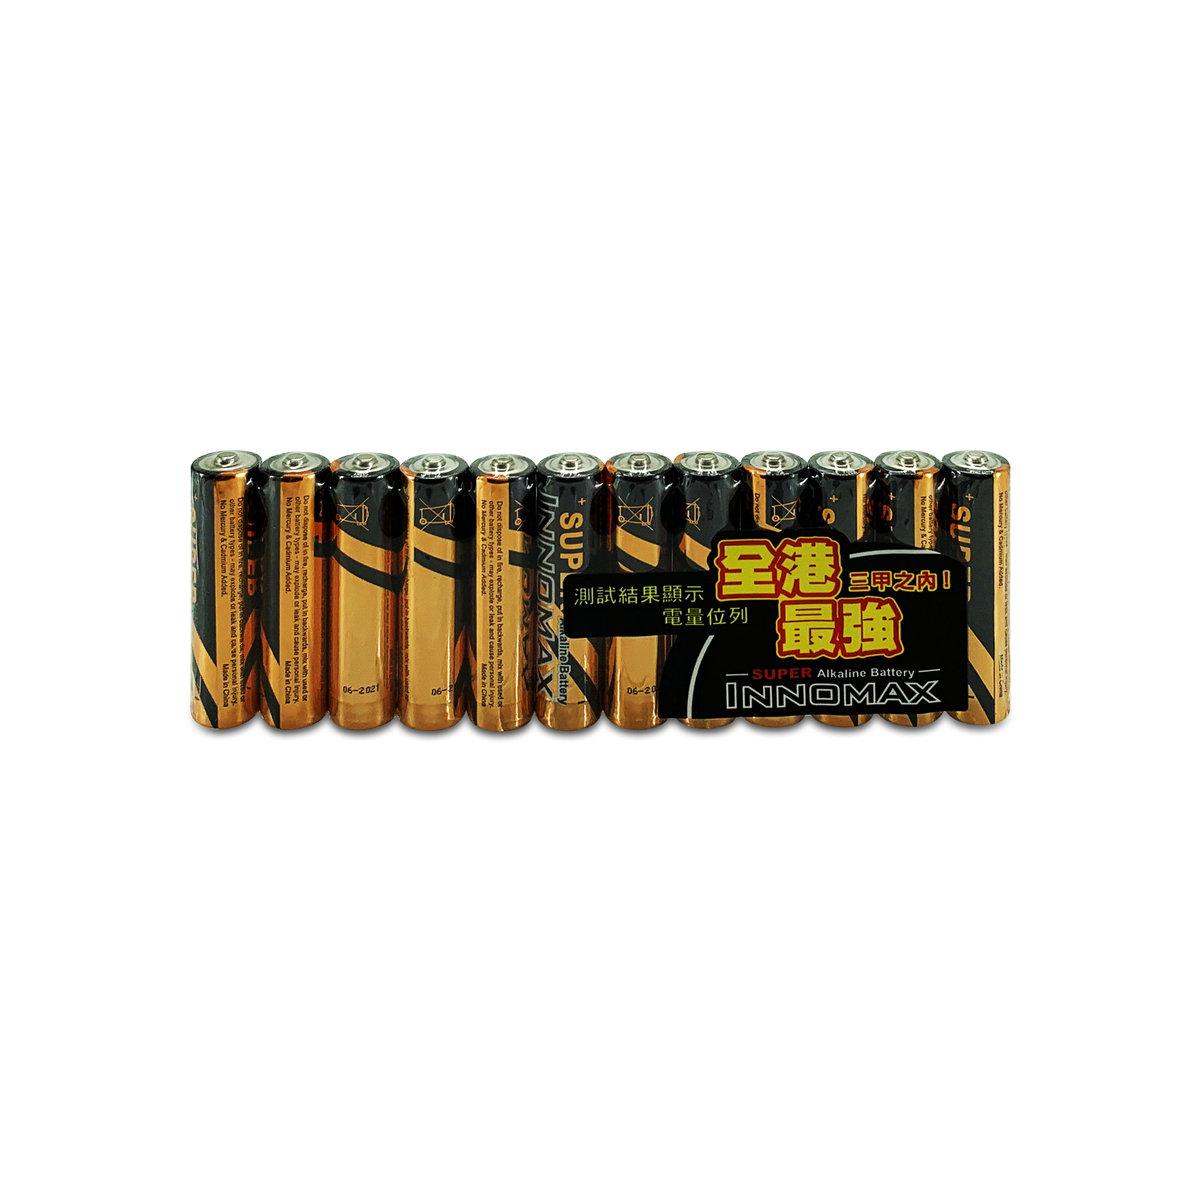 AAA Alkaline Battery - LR03AAA12